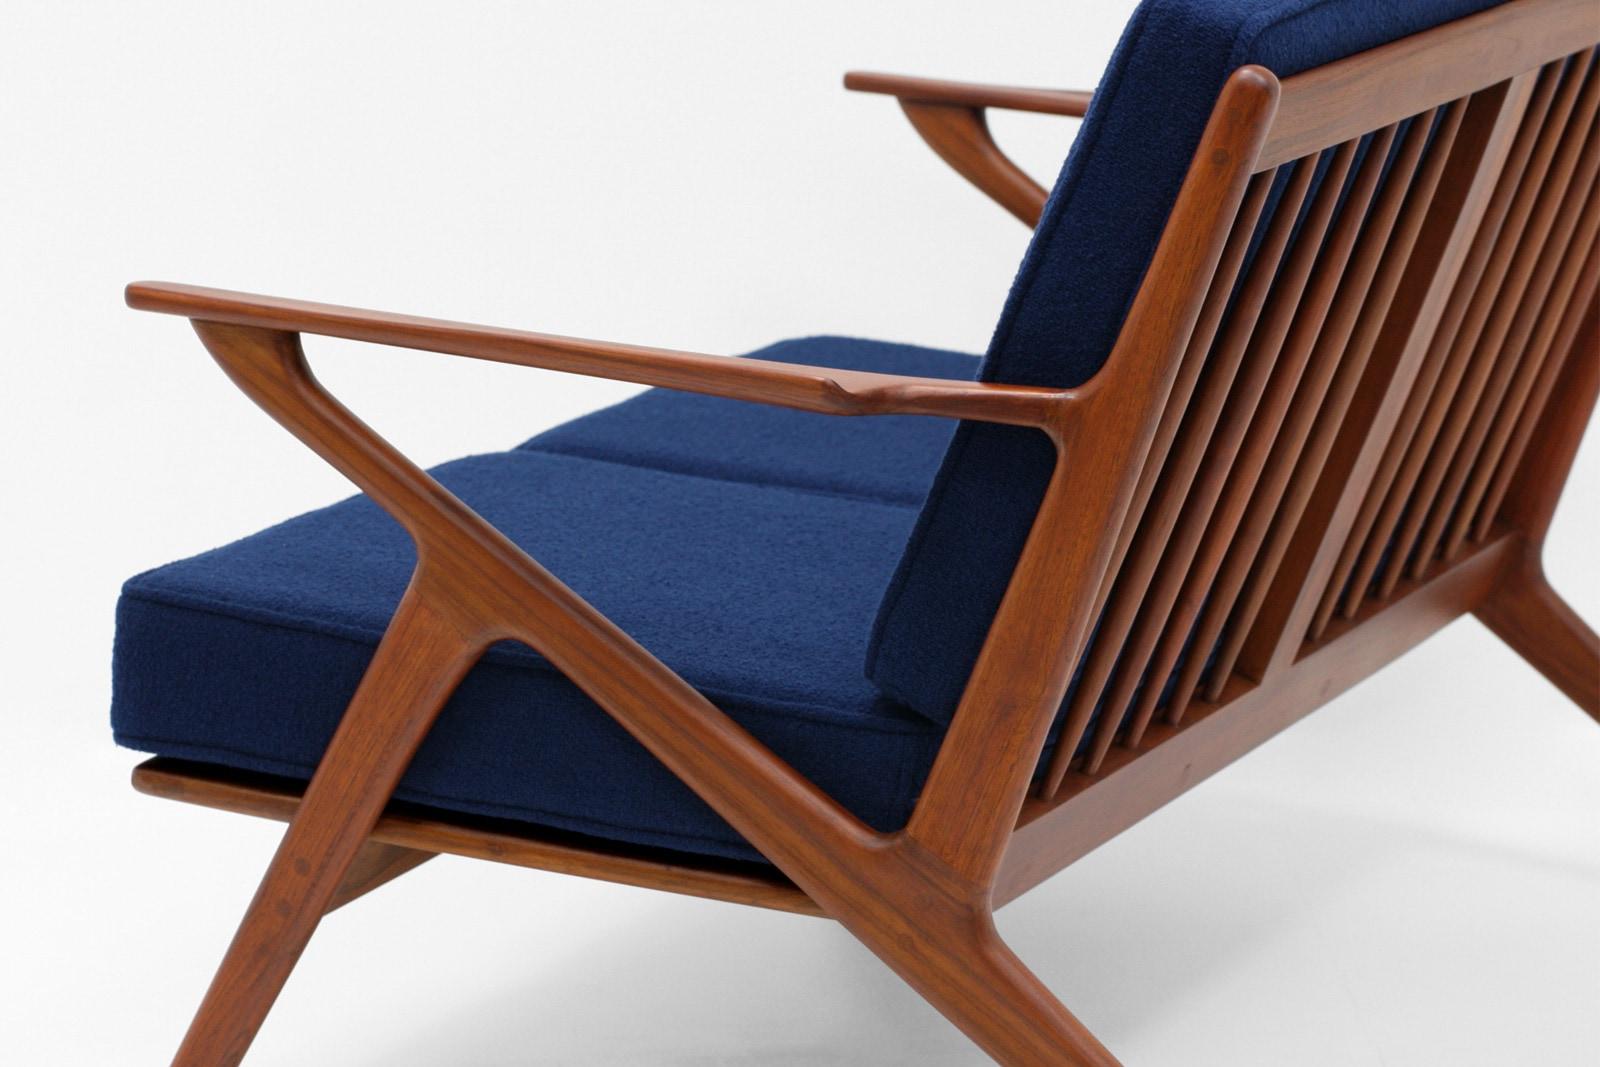 北欧,デザイン,家具,クロッケン,チーク材,ソファ,2人掛け,ネイビー